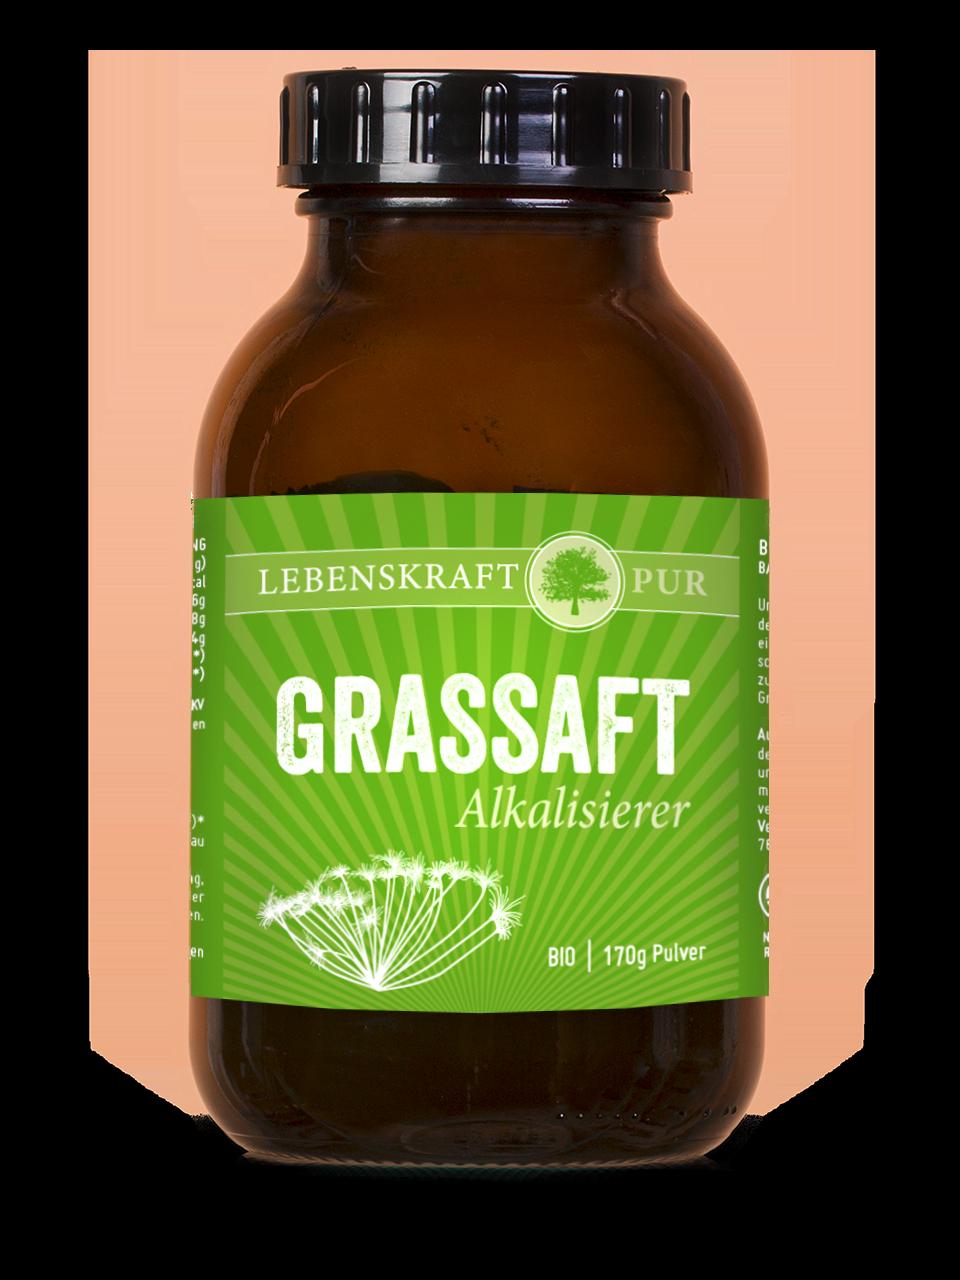 Vorschaubild: Grassaft Alkalisierer Bio